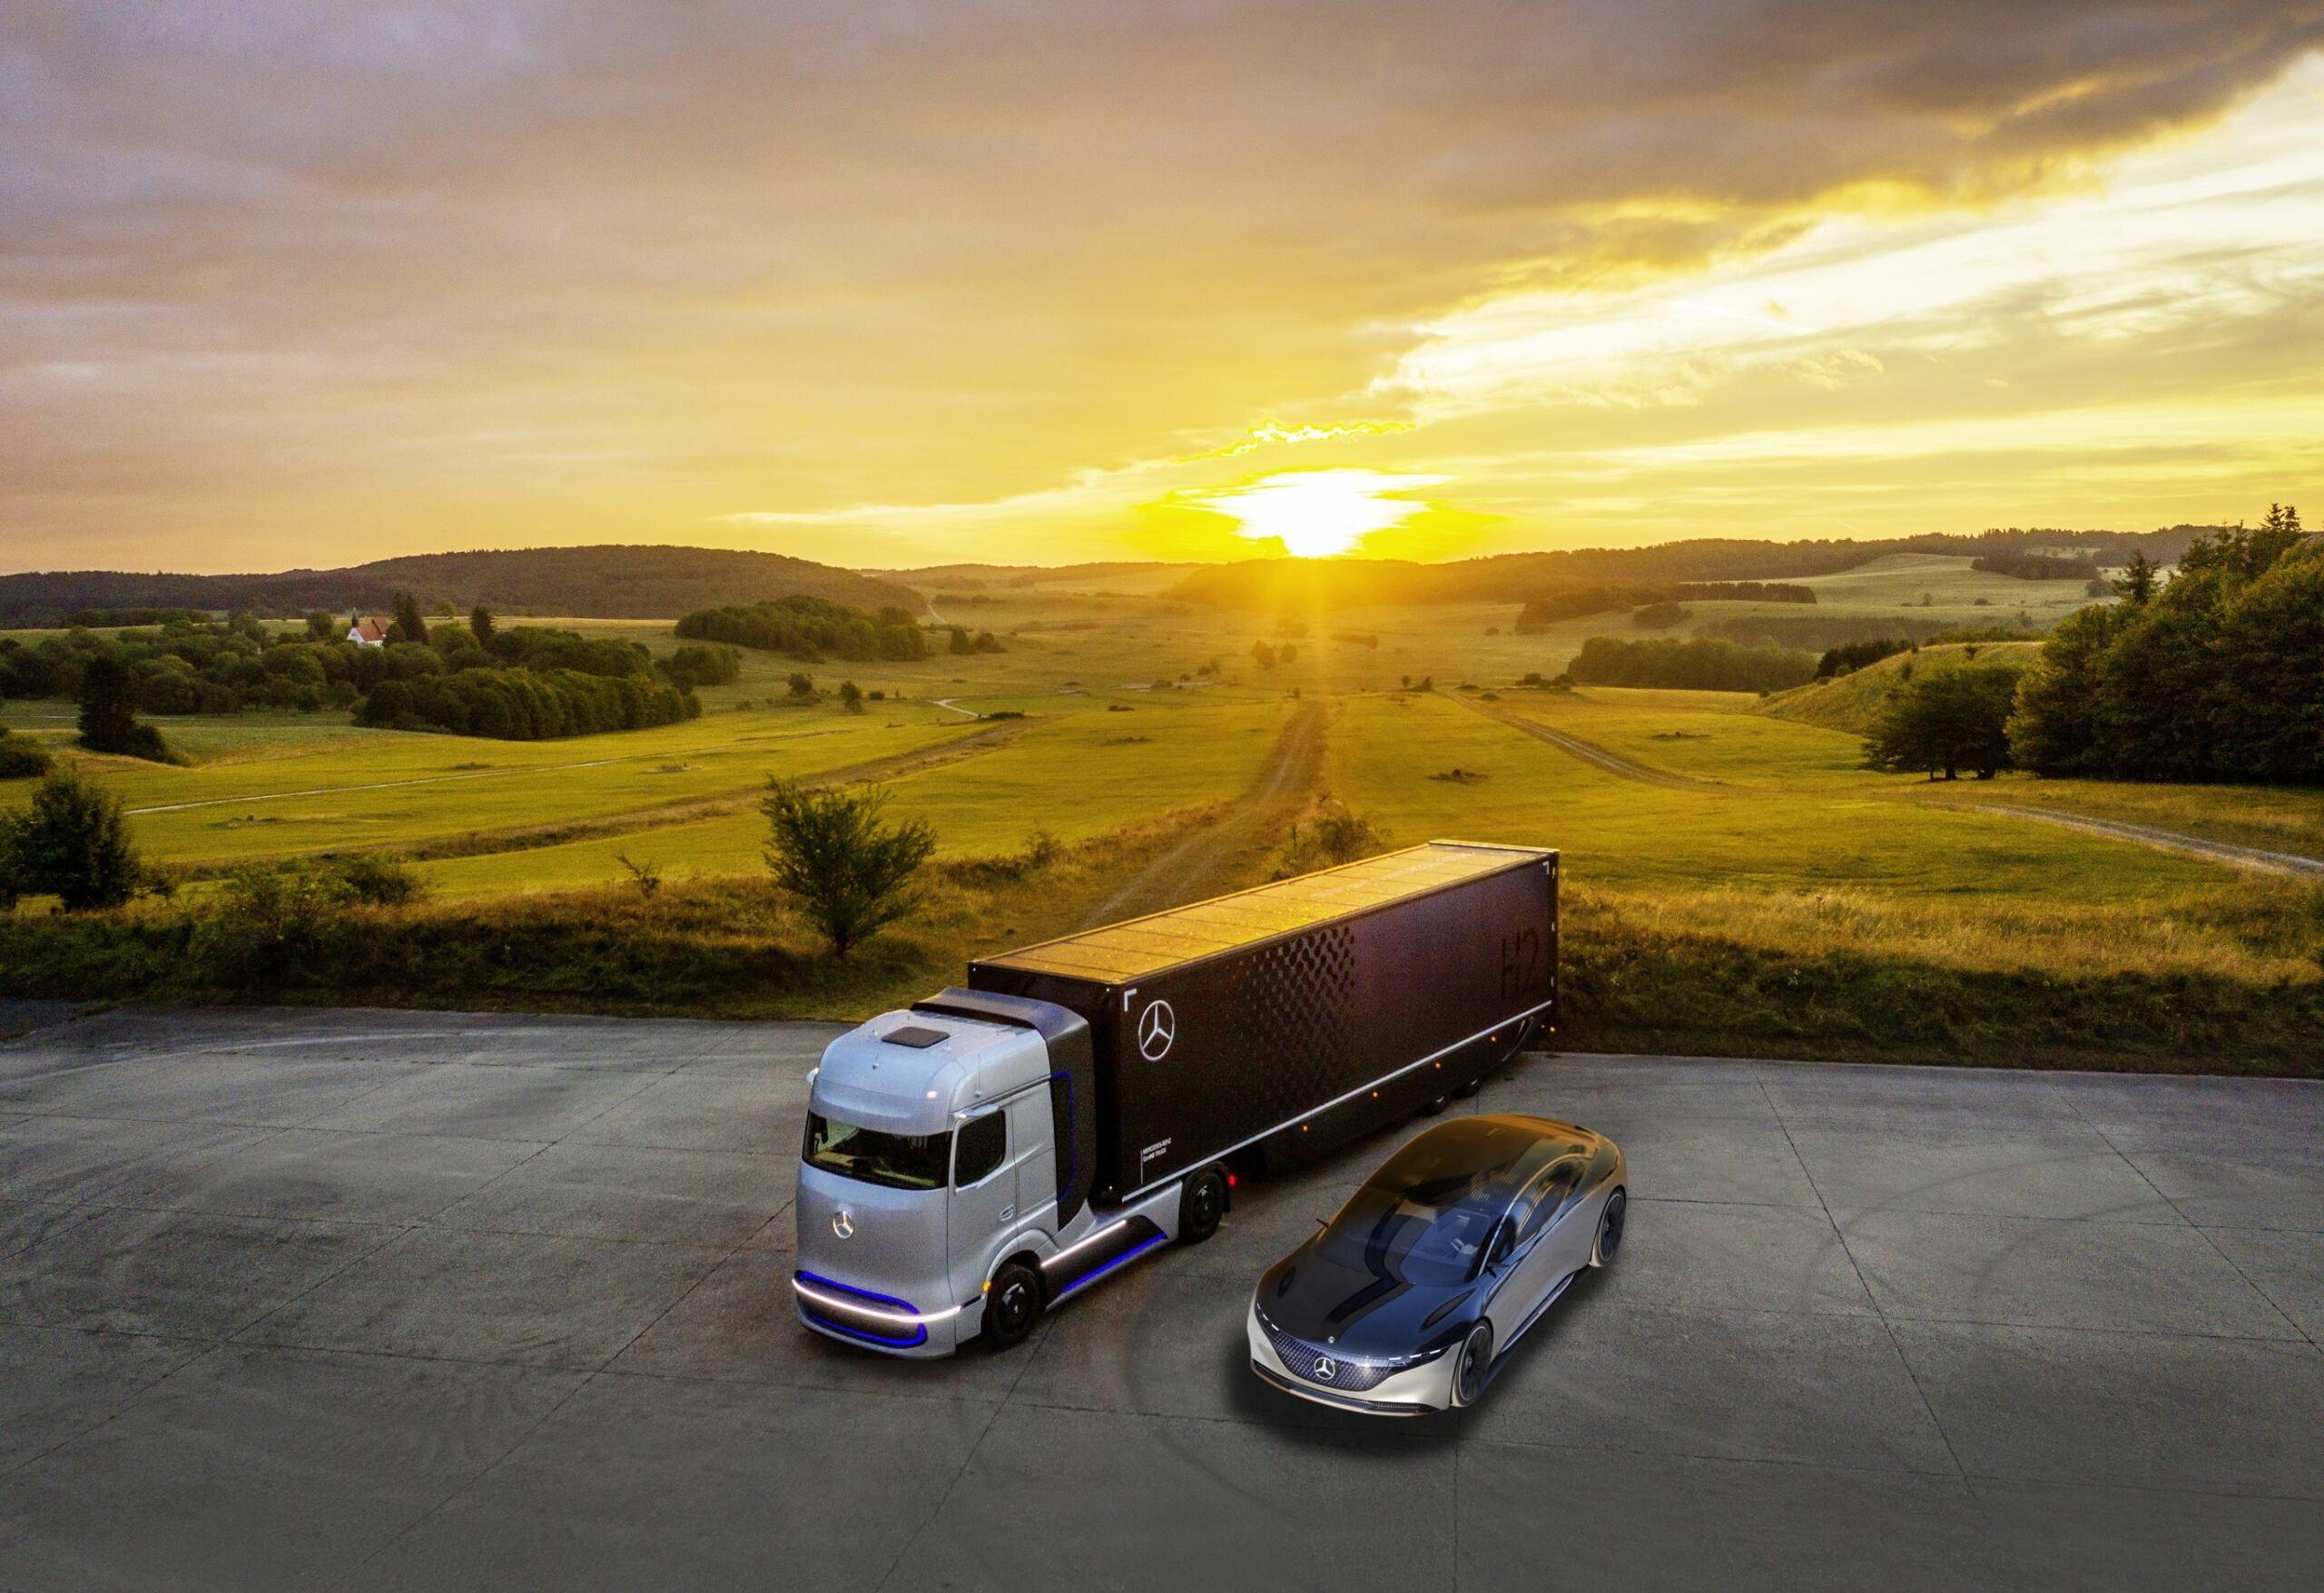 Daimler Mobility fornitori servizi finanziari indipendenti